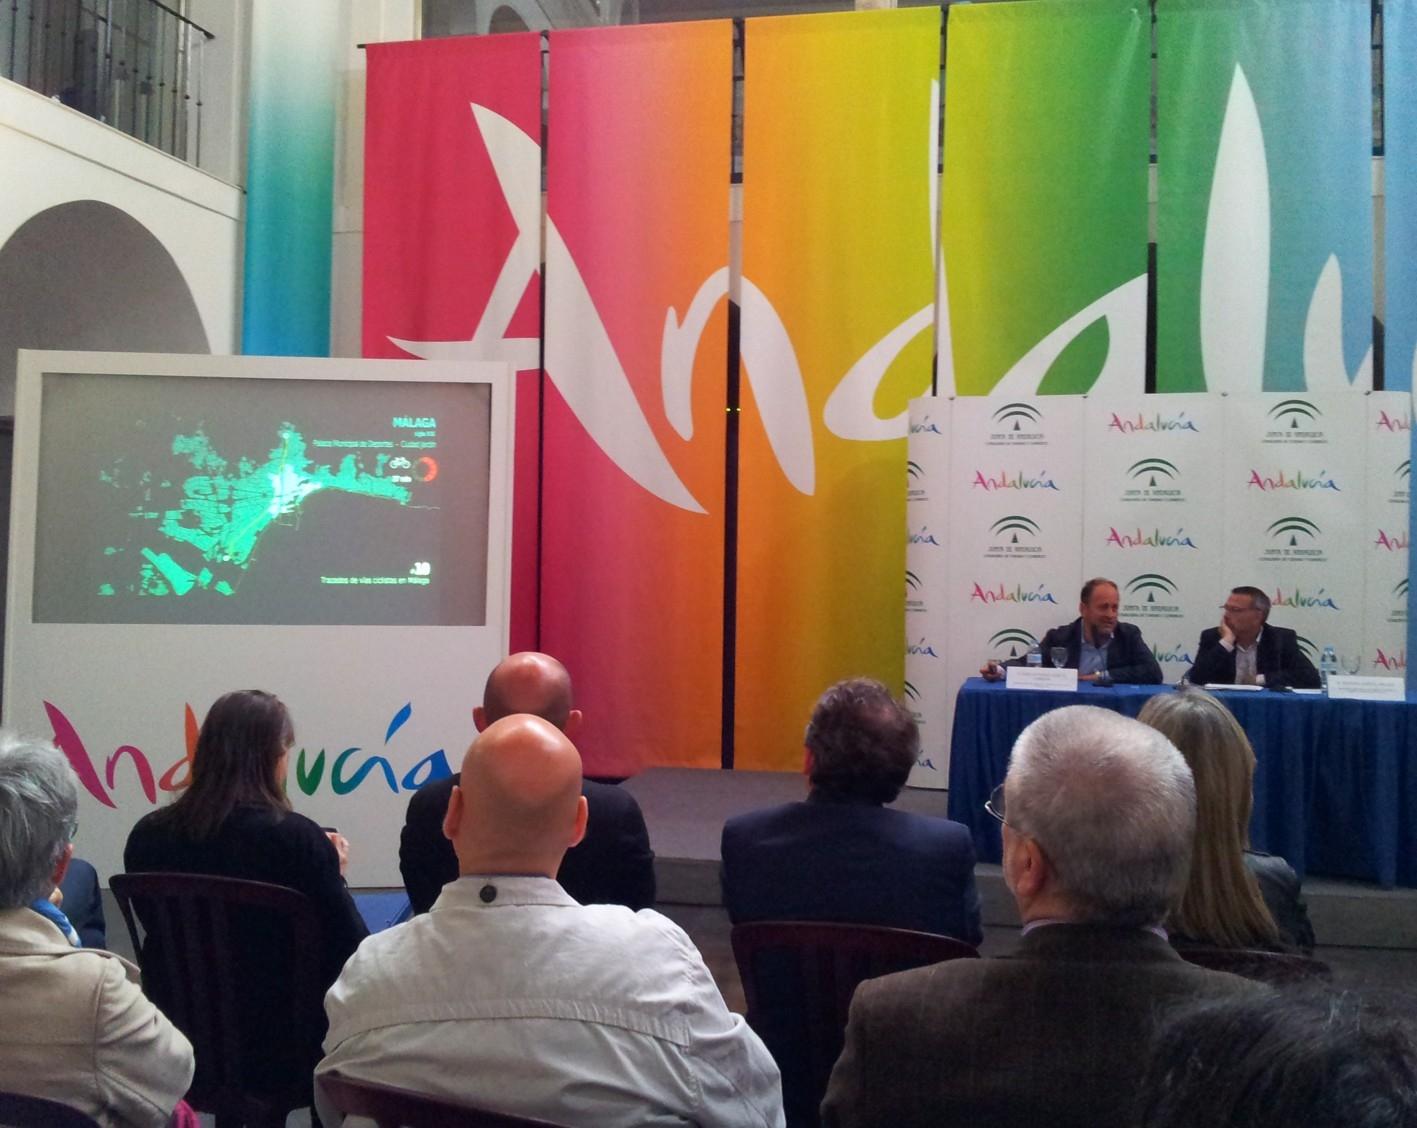 El viceconsejero, García Cebrián, durante la presentación de las vías ciclistas proyectadas en Málaga.